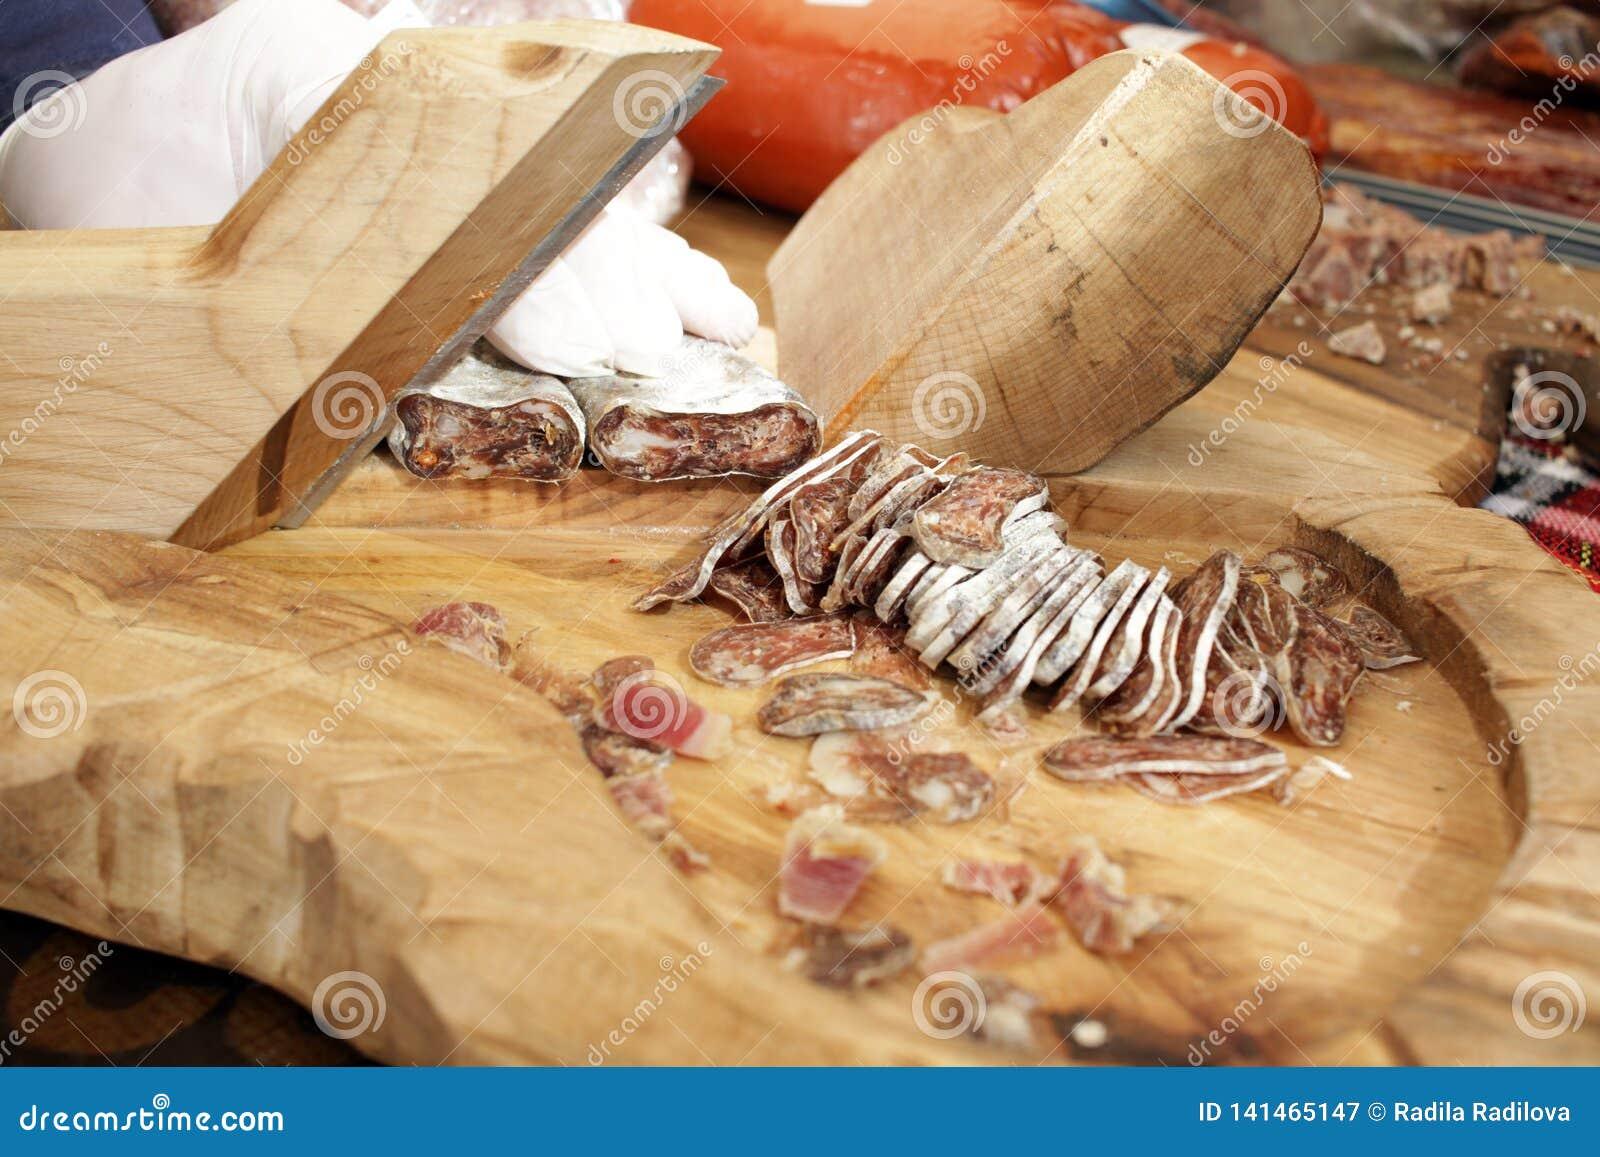 Trockene Salami auf einem Berufsschneidebrett Geräucherte flache Wurst mit Gewürzen für Cover-Foto-Hintergrund Getrocknete flache